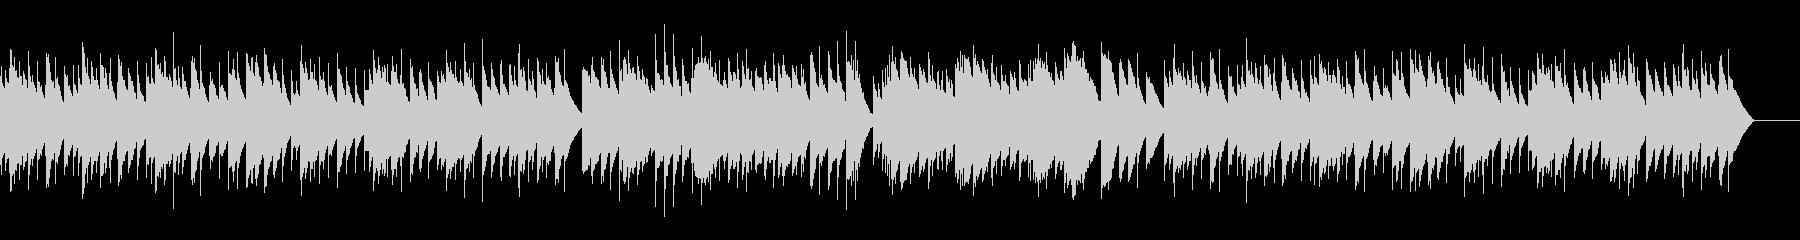 ゴセック ガヴォット(オルゴール)の未再生の波形